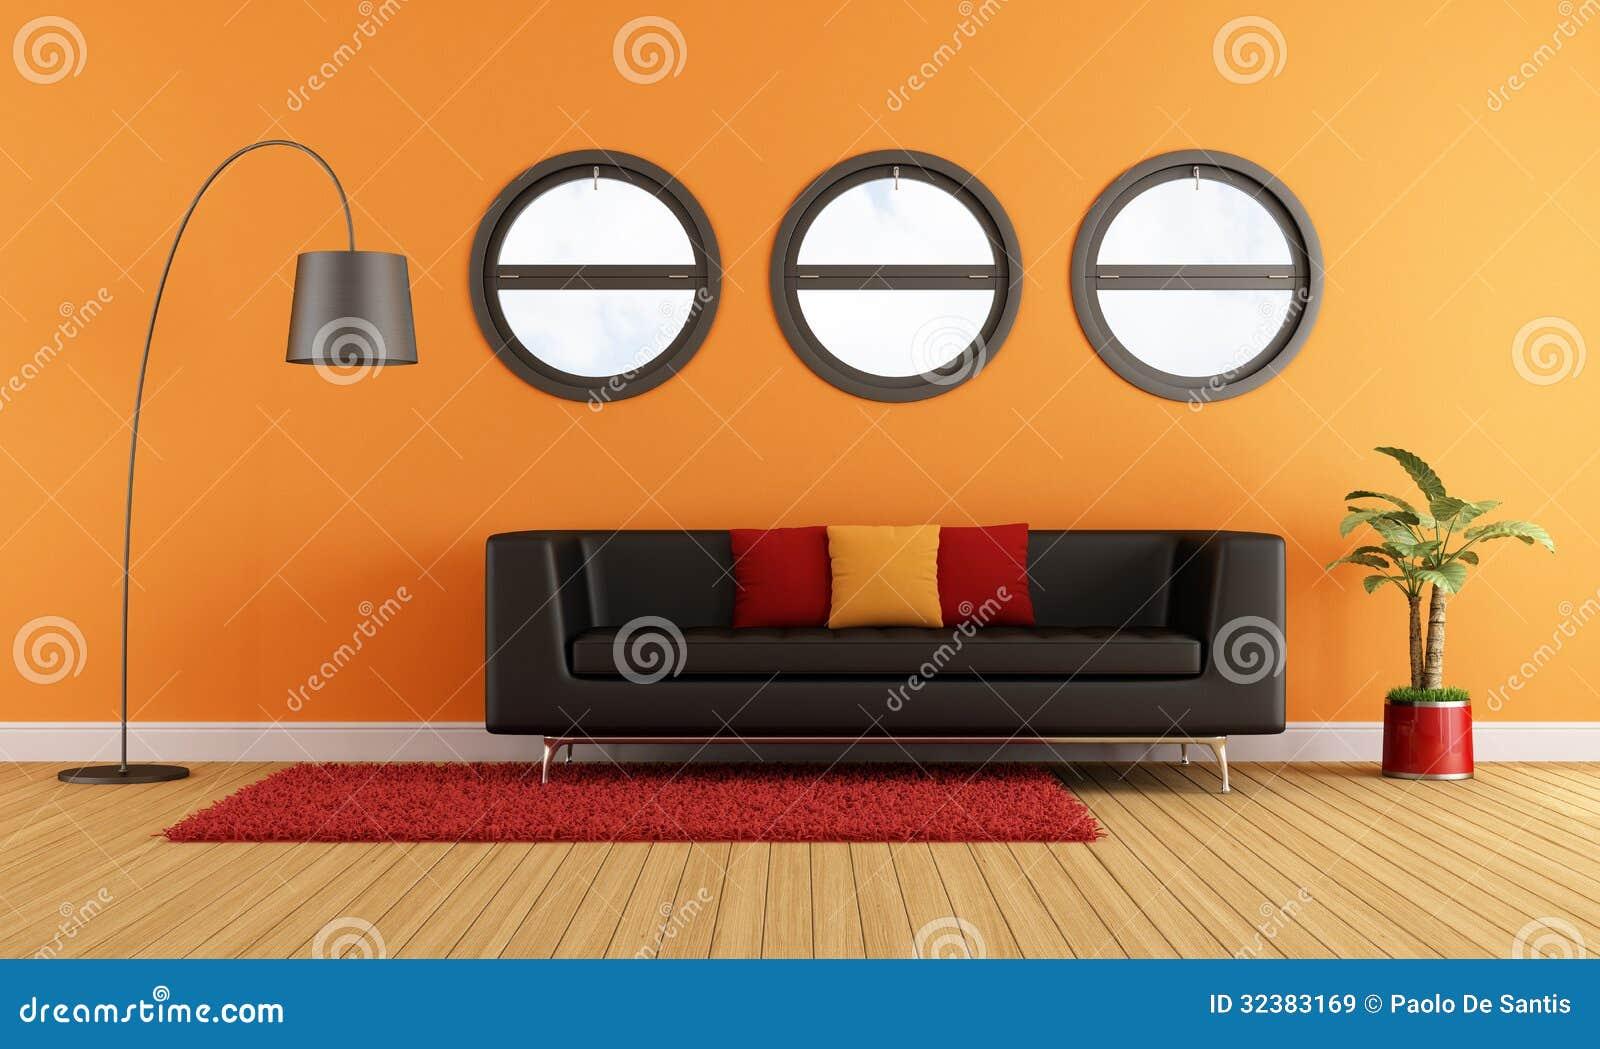 modernes wohnzimmer mit schwarzer couch lizenzfreie stockbilder bild 32383169. Black Bedroom Furniture Sets. Home Design Ideas